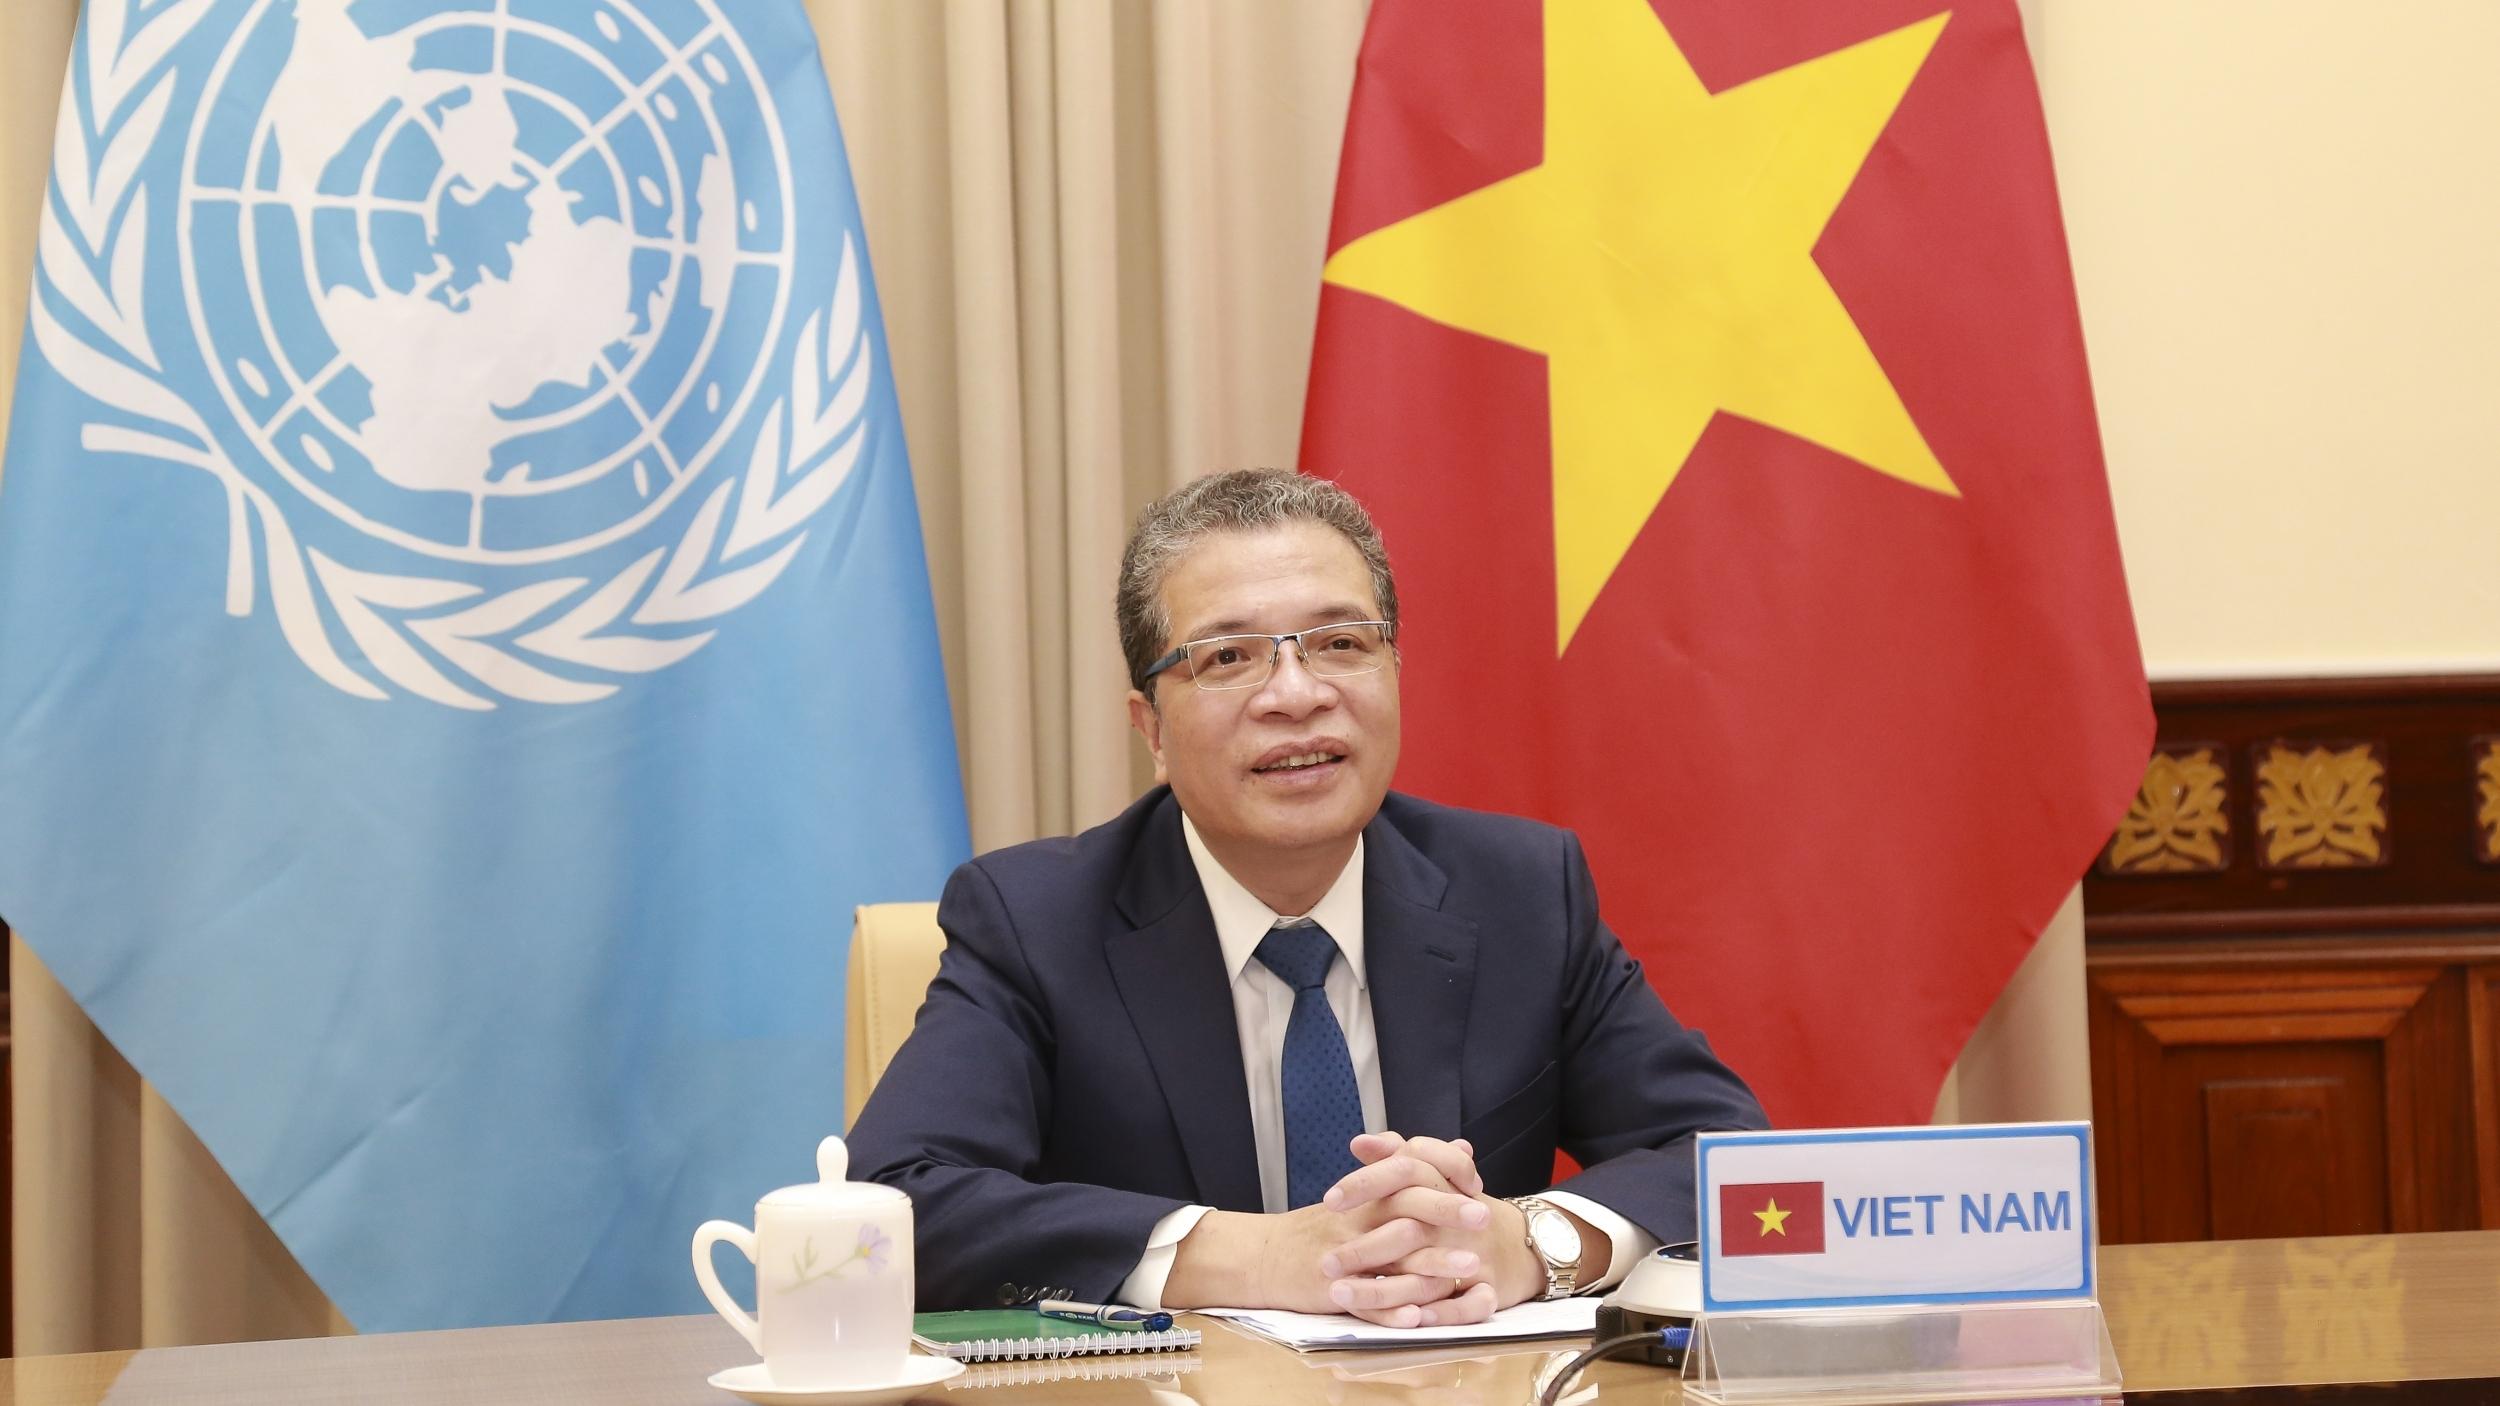 Hội đồng Bảo an Liên hợp quốc thảo luận trực tuyến về tình hình khu vực Vịnh Ba-tư